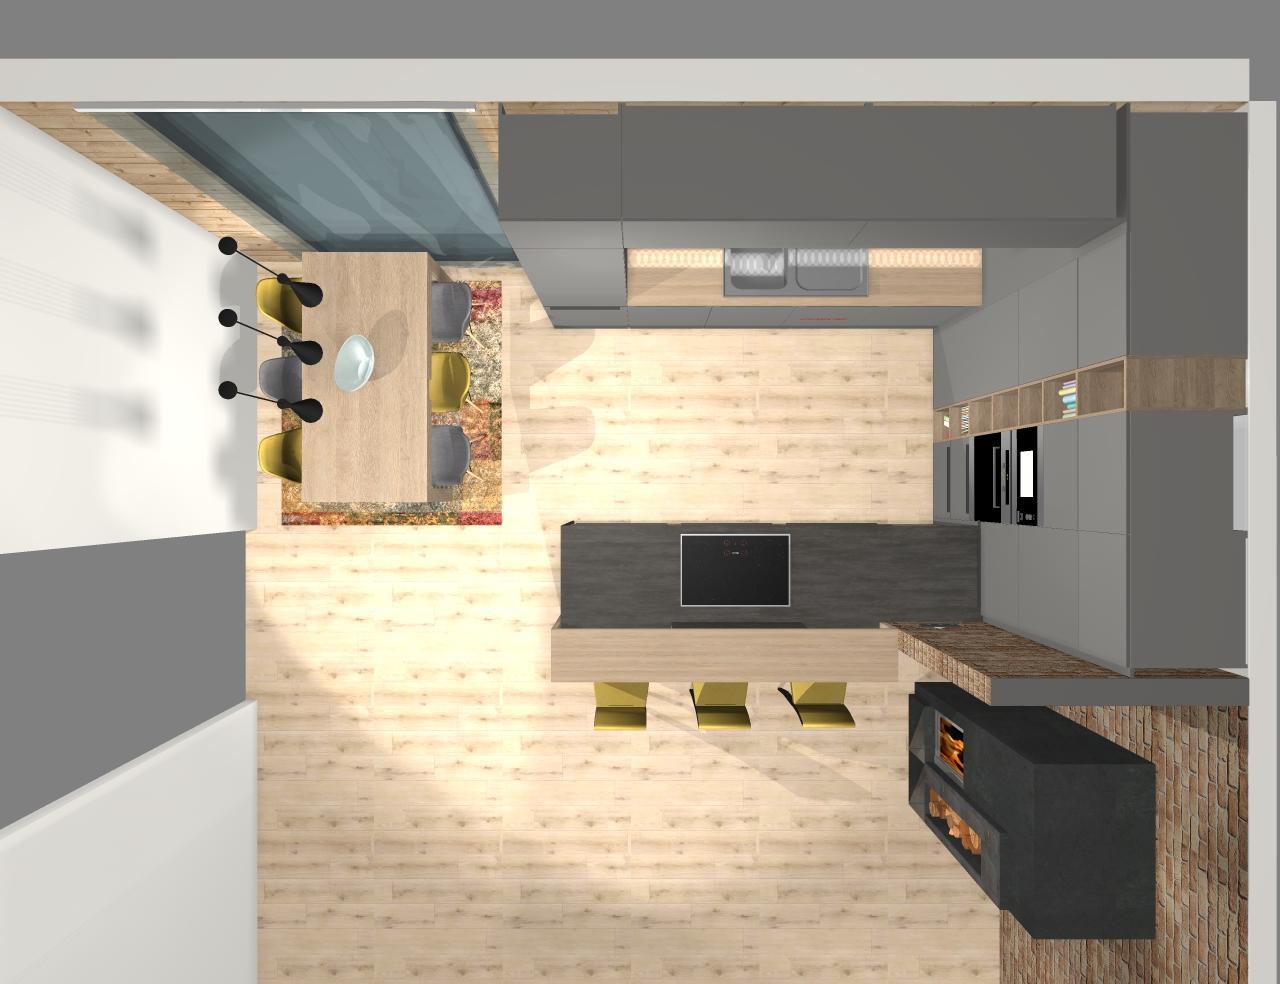 Grafické návrhy kuchynských liniek 2020 - Grafický návrh kuchynskej linky do fínskeho zrubu - obr.10